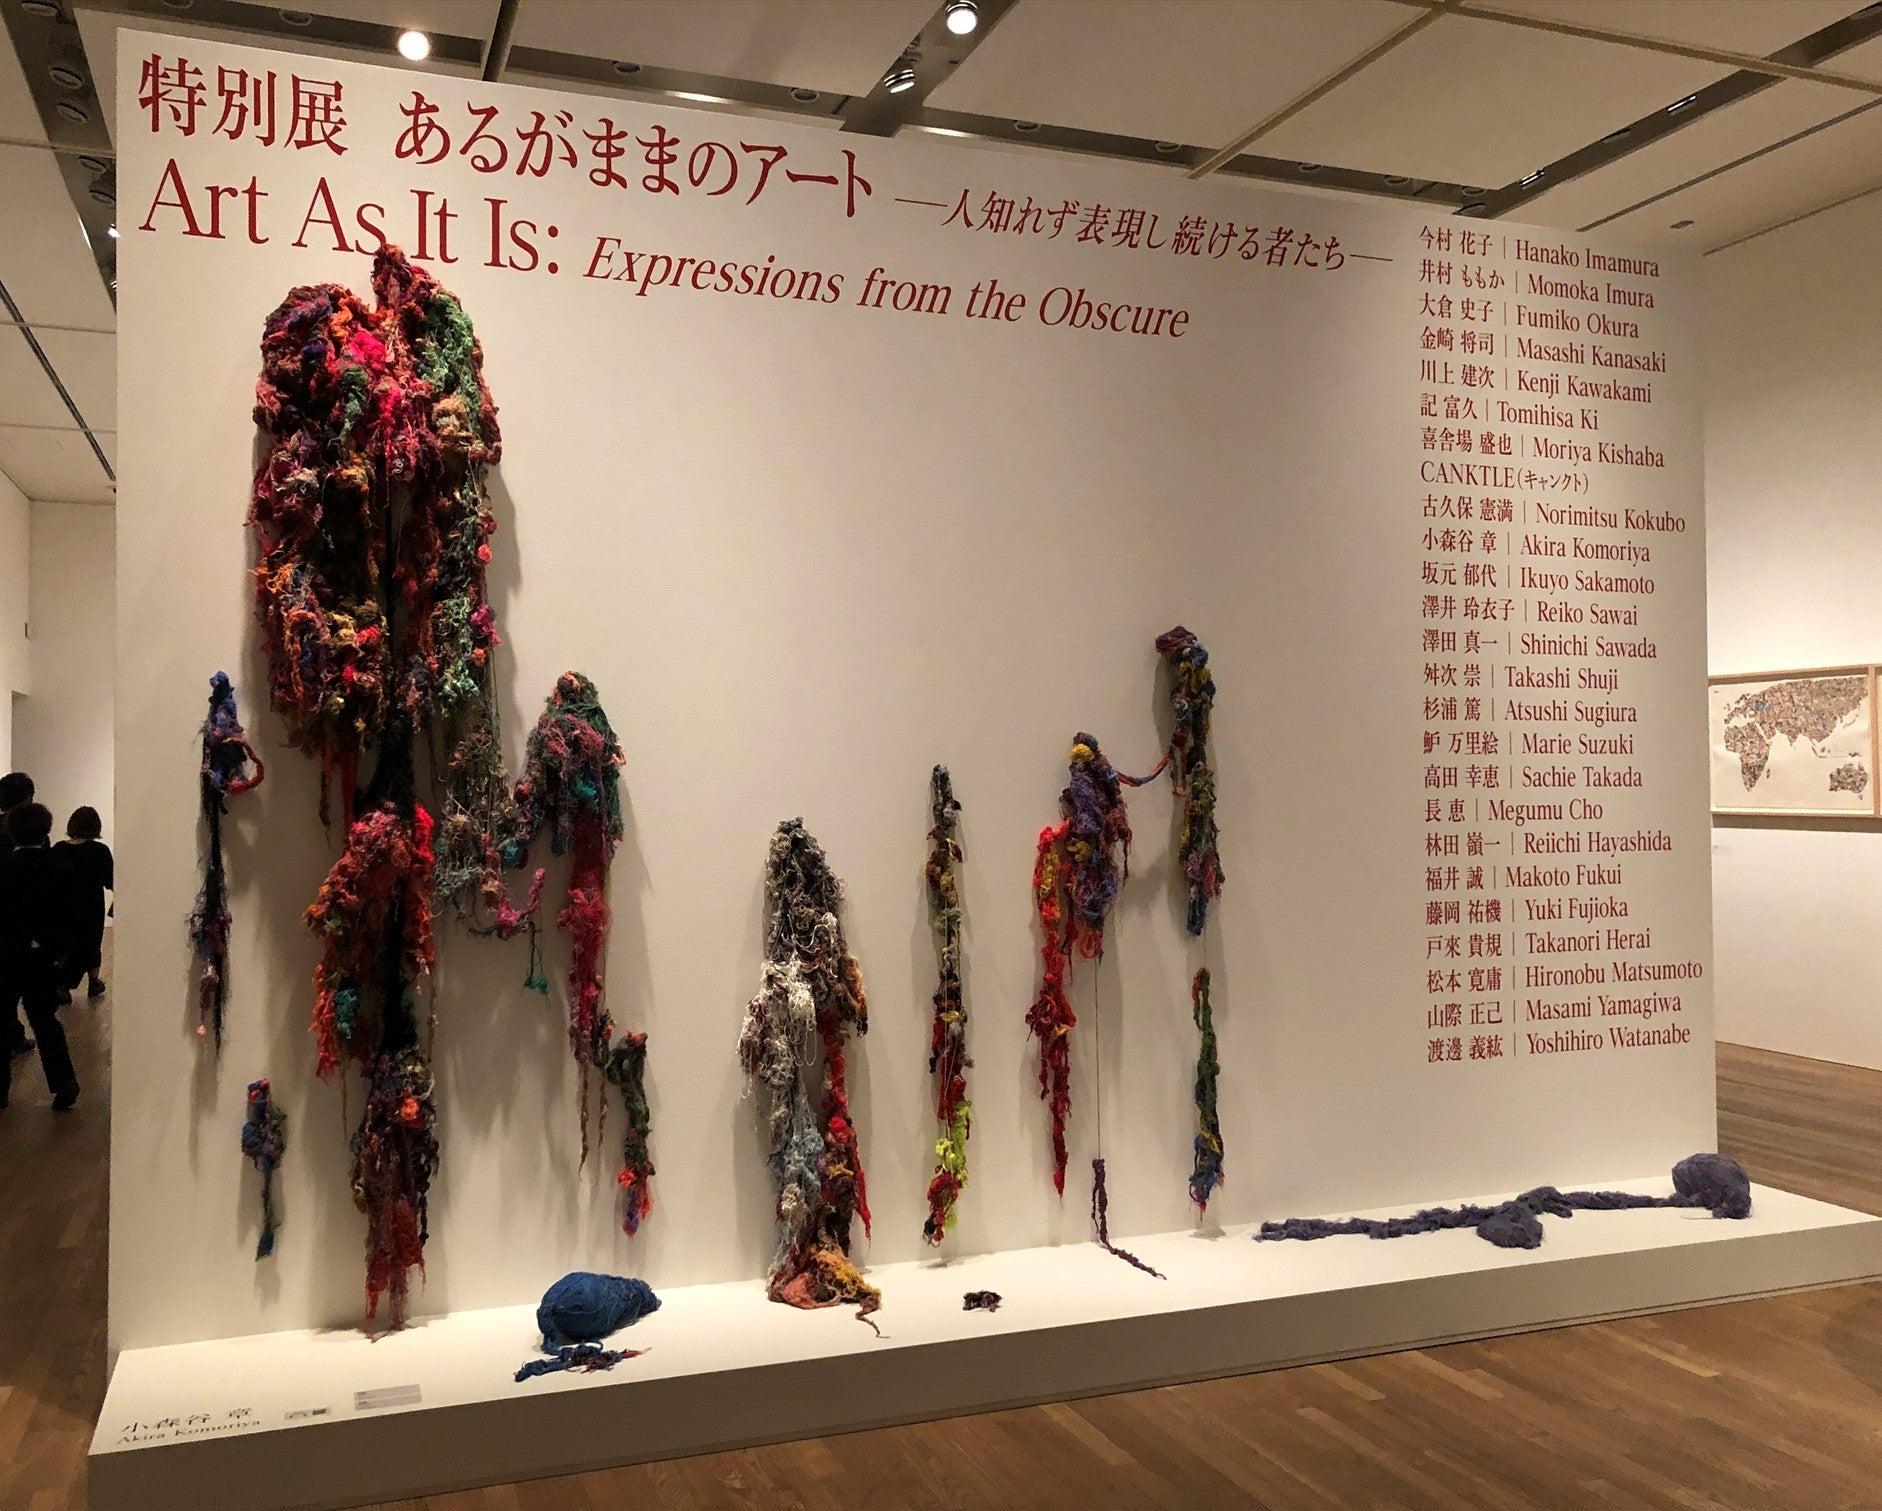 アートテラー・とに~の【ここにしかない美術室】式場隆三郎 脳室反射鏡